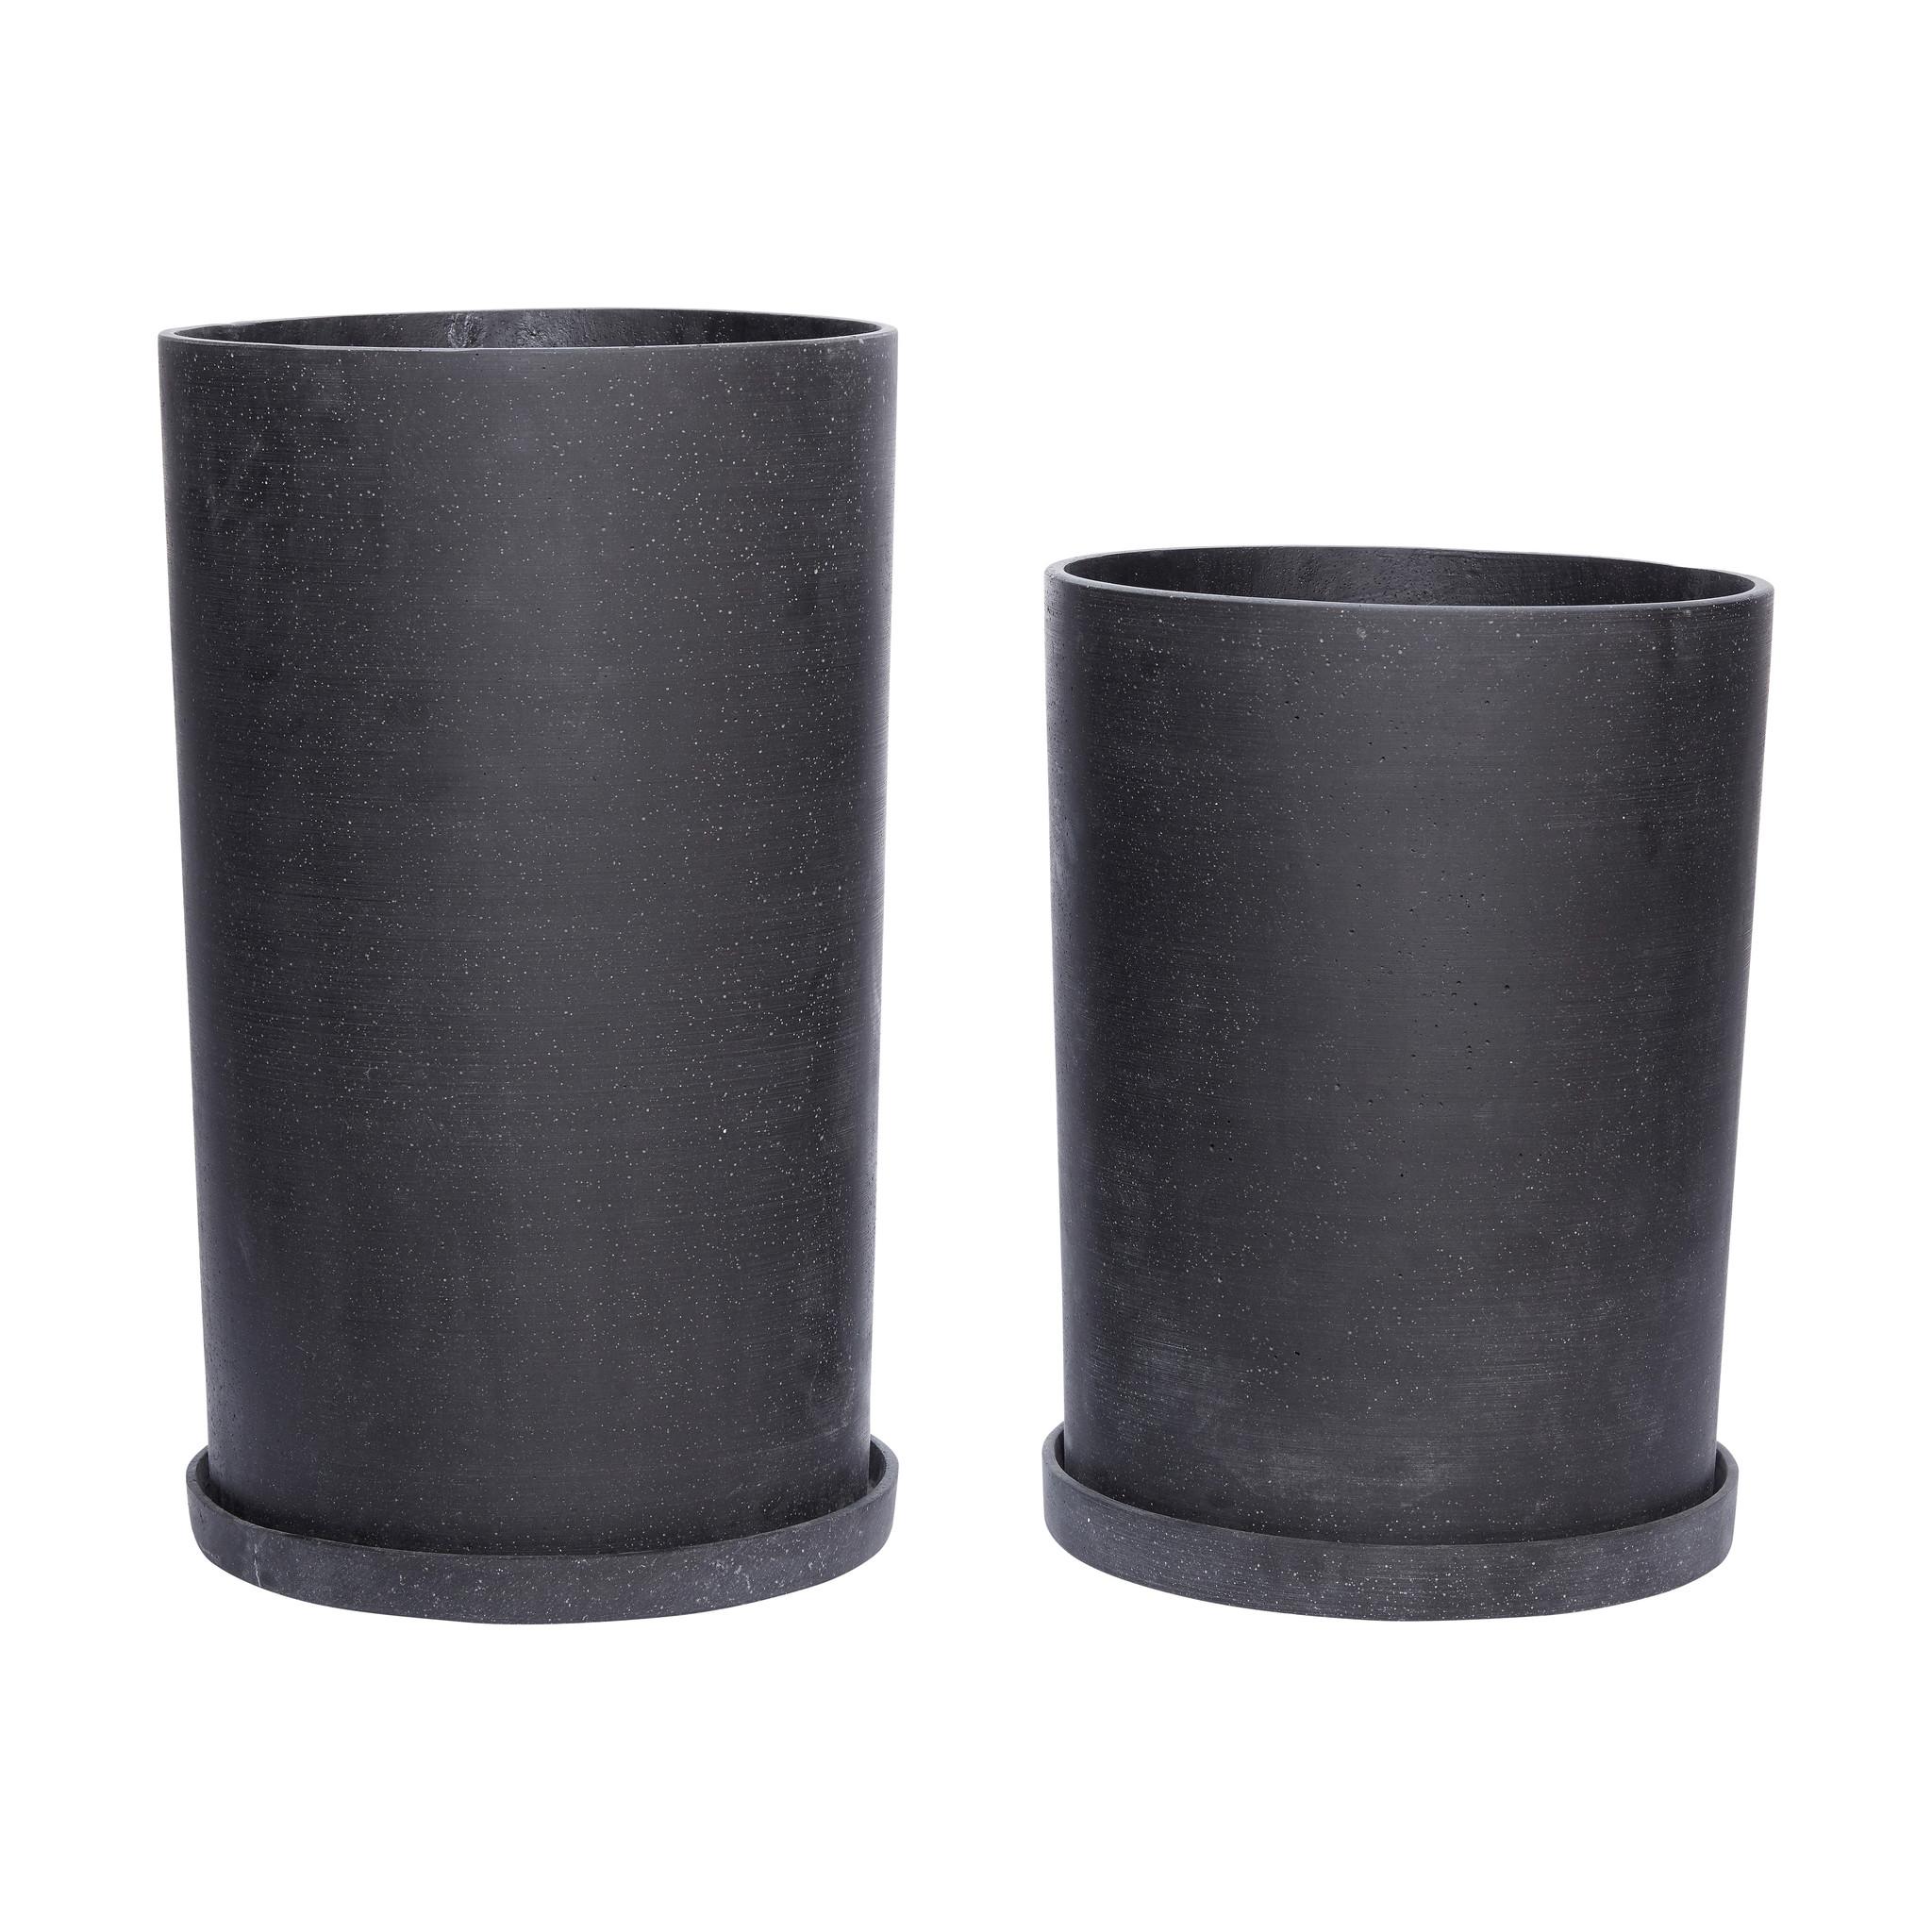 Hubsch Pot met schotel, zwart, hoog, set van 2-900308-5712772056325